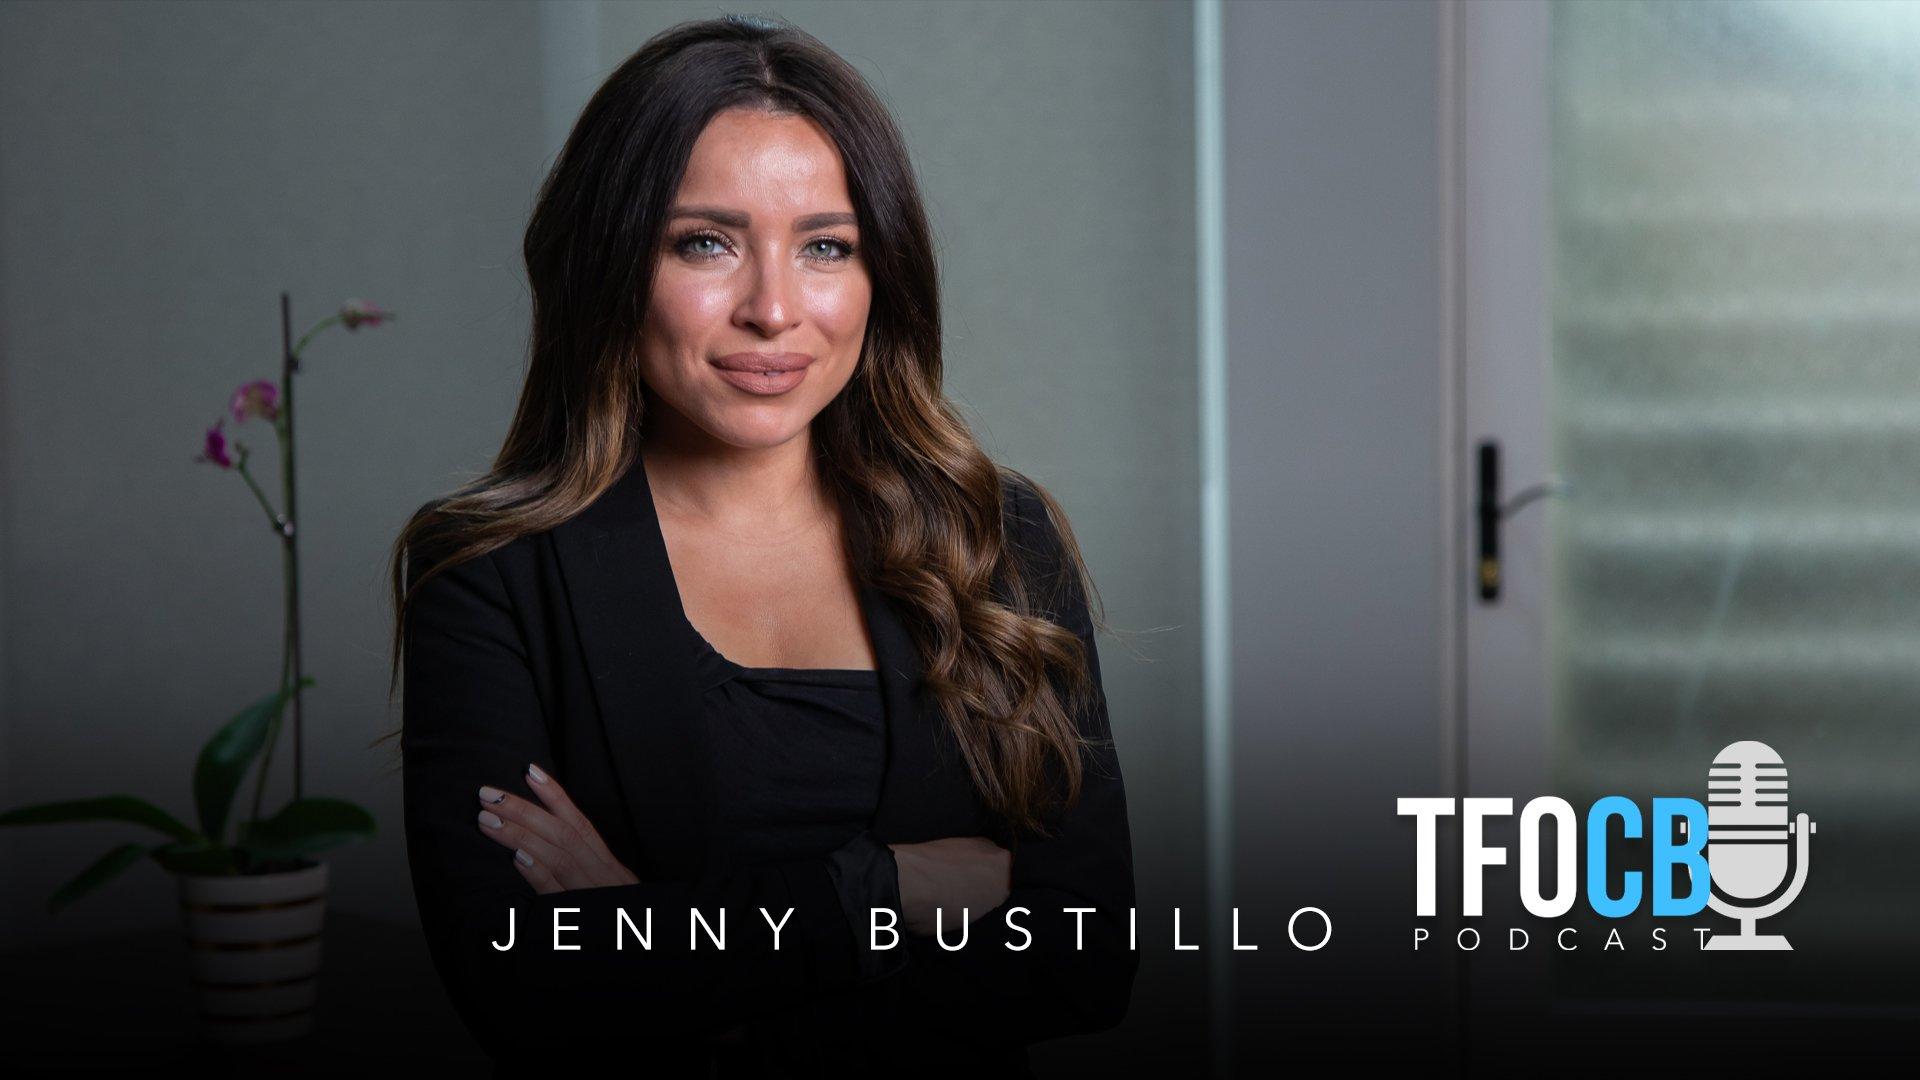 tfocb podcast cover jenny bustillo